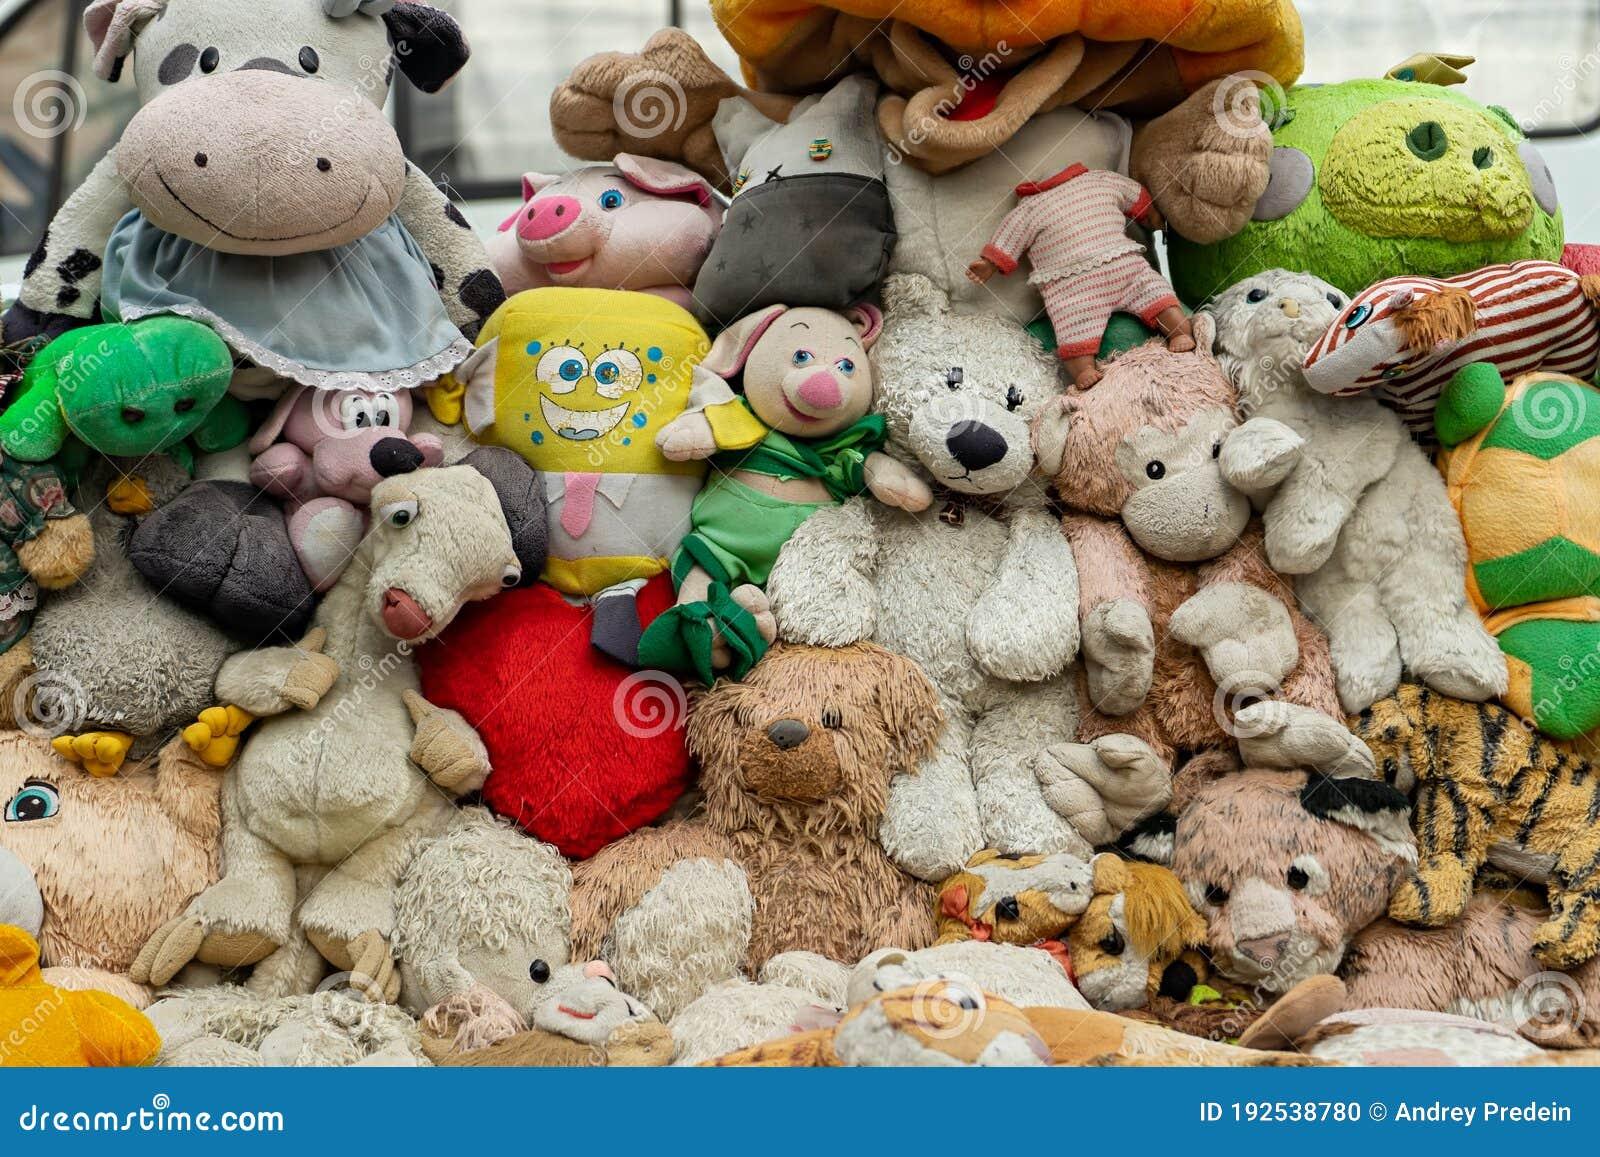 Many Stuffed Animal Toys Background Editorial Image Image Of Pile Flea 192538780